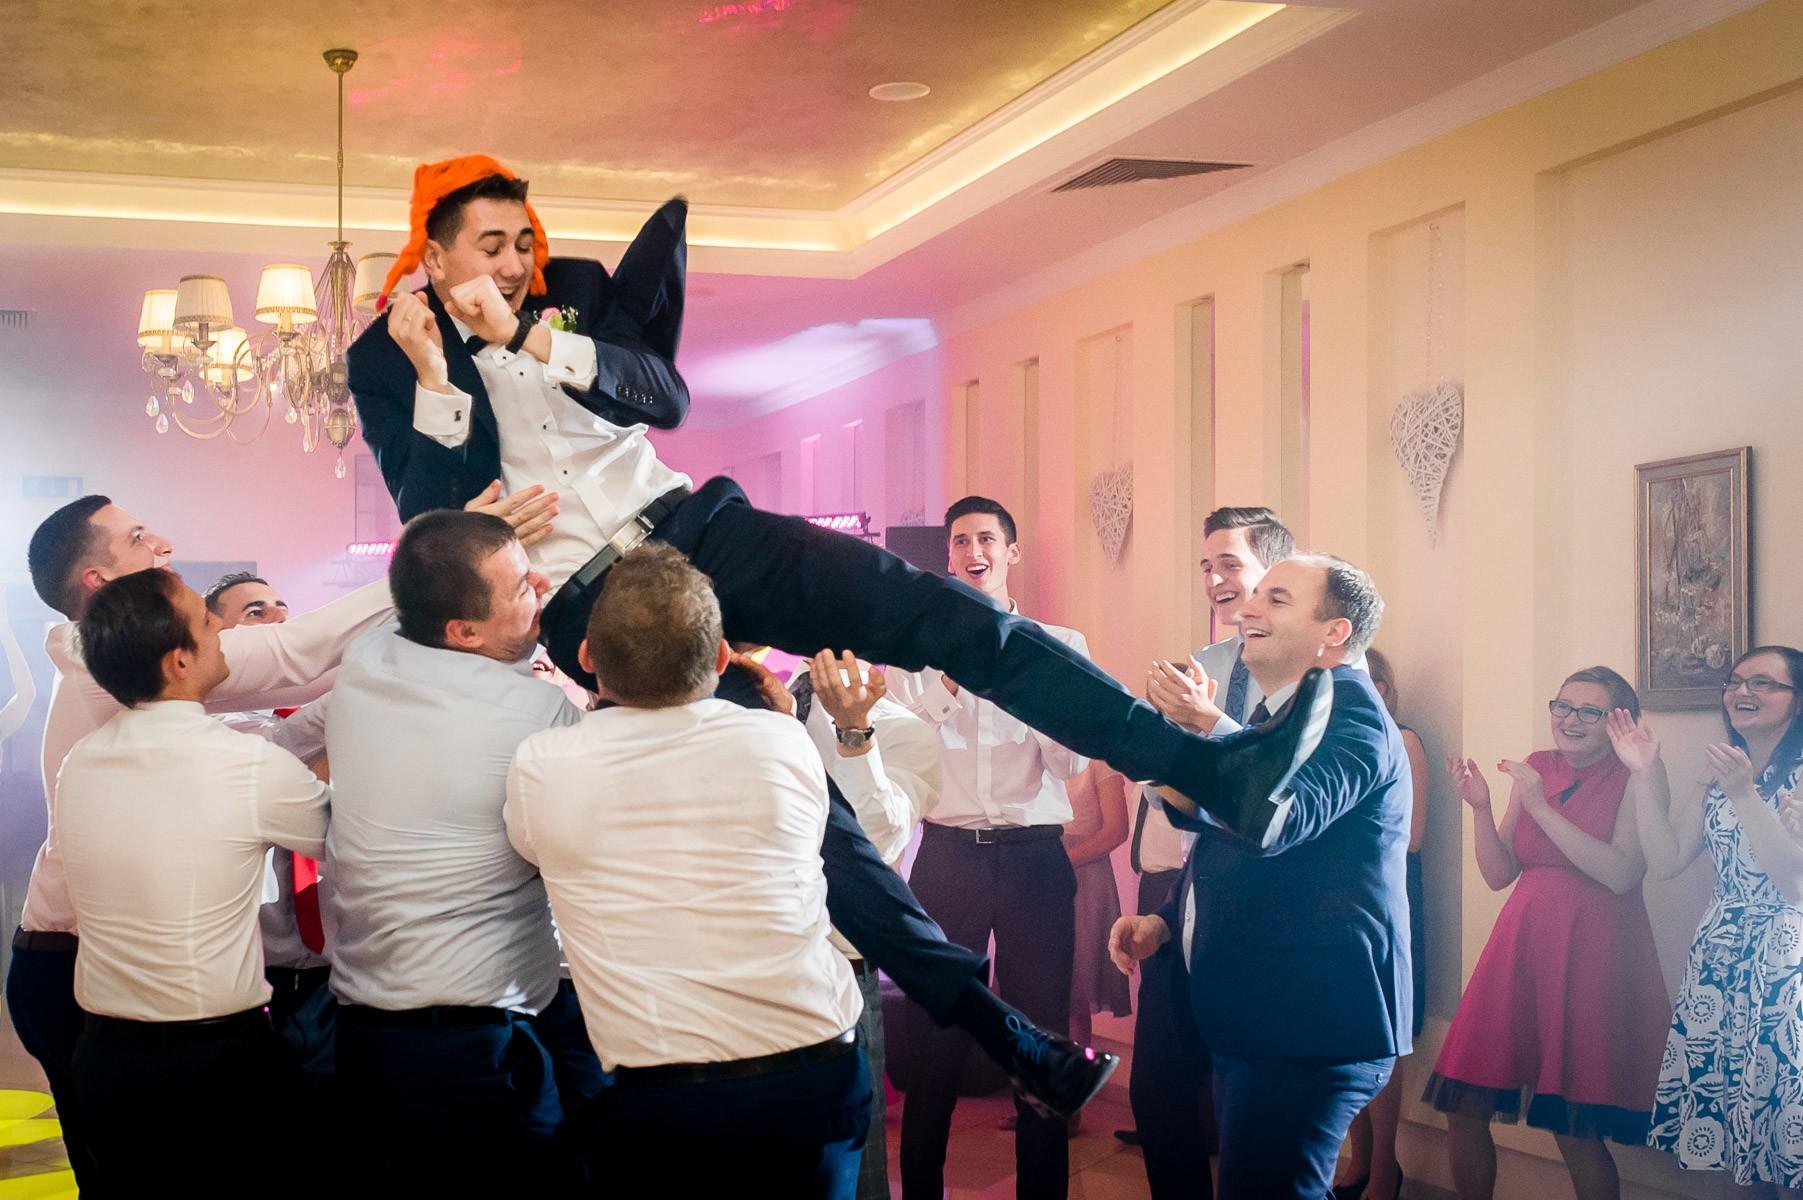 sala na skarpie fotograf slubny slask malopolska adam pietrusiak plener slubny w gorach jw wedding 143